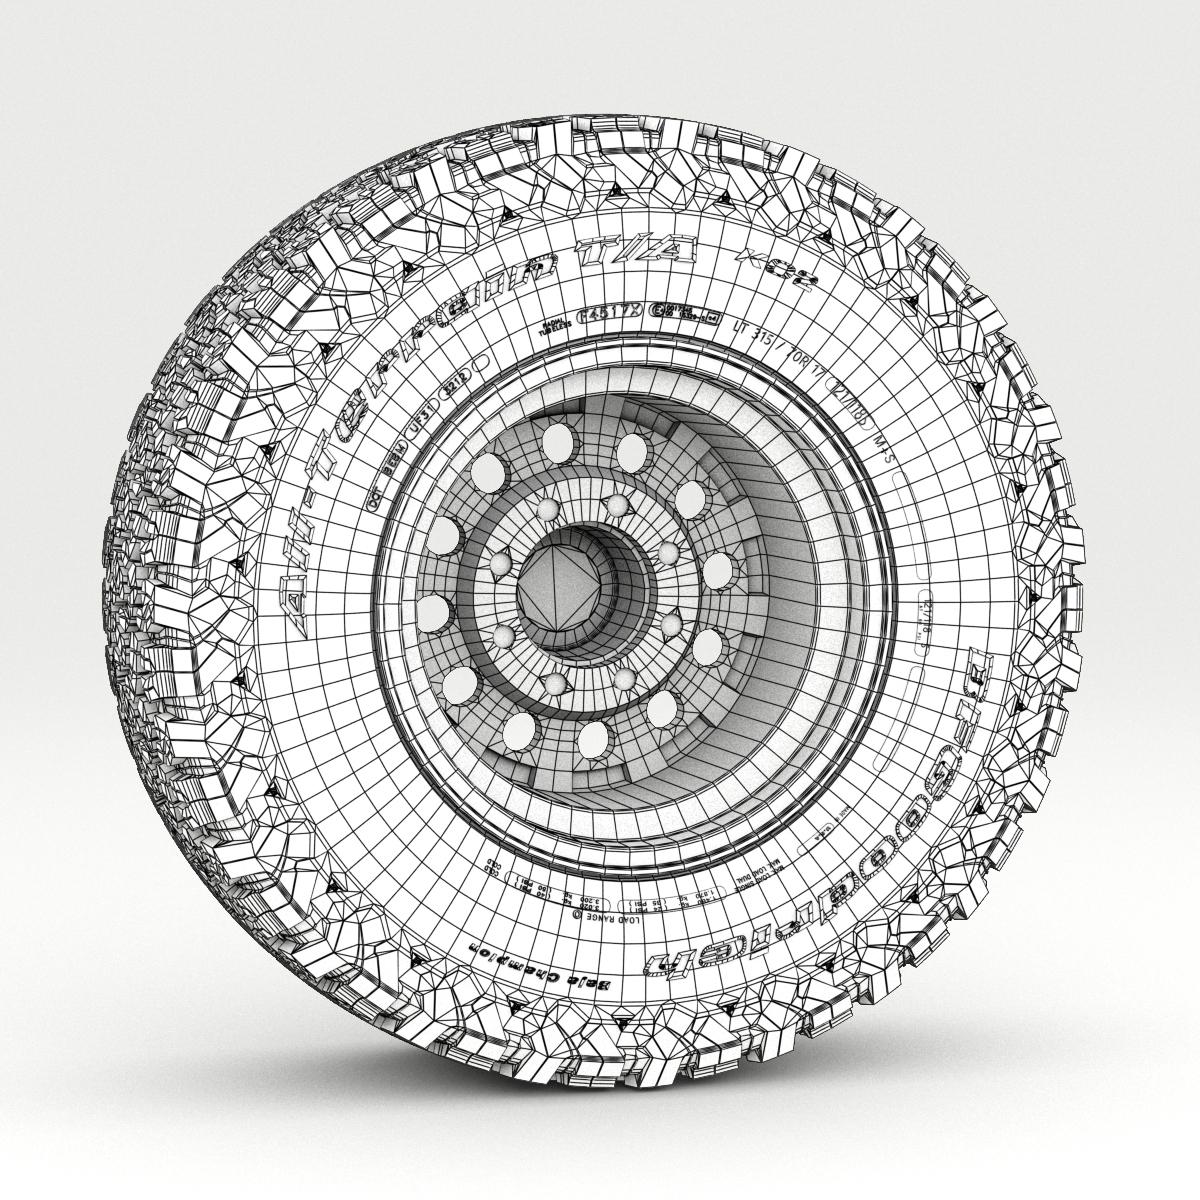 off road wheel and tire 5 3d model 3ds max fbx tga targa icb vda vst pix obj 224479